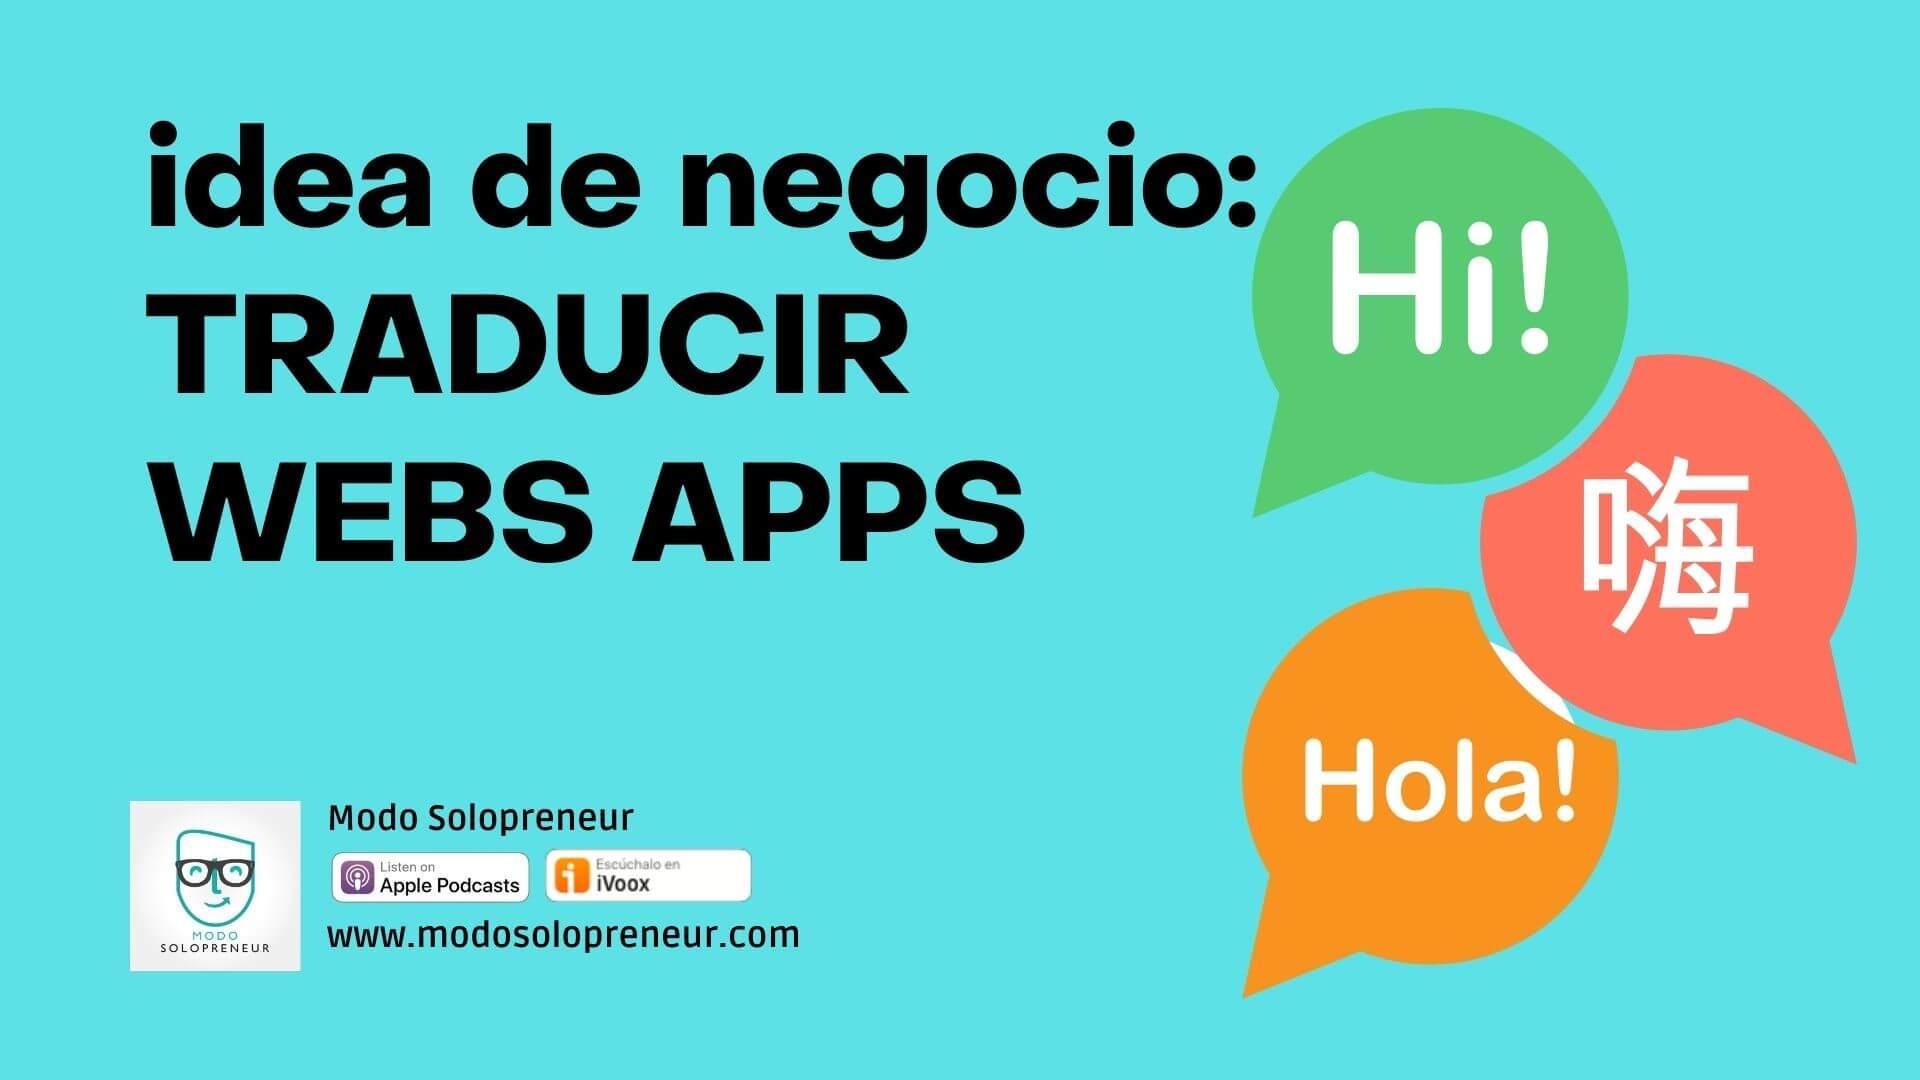 Agencia de traducción para web apps